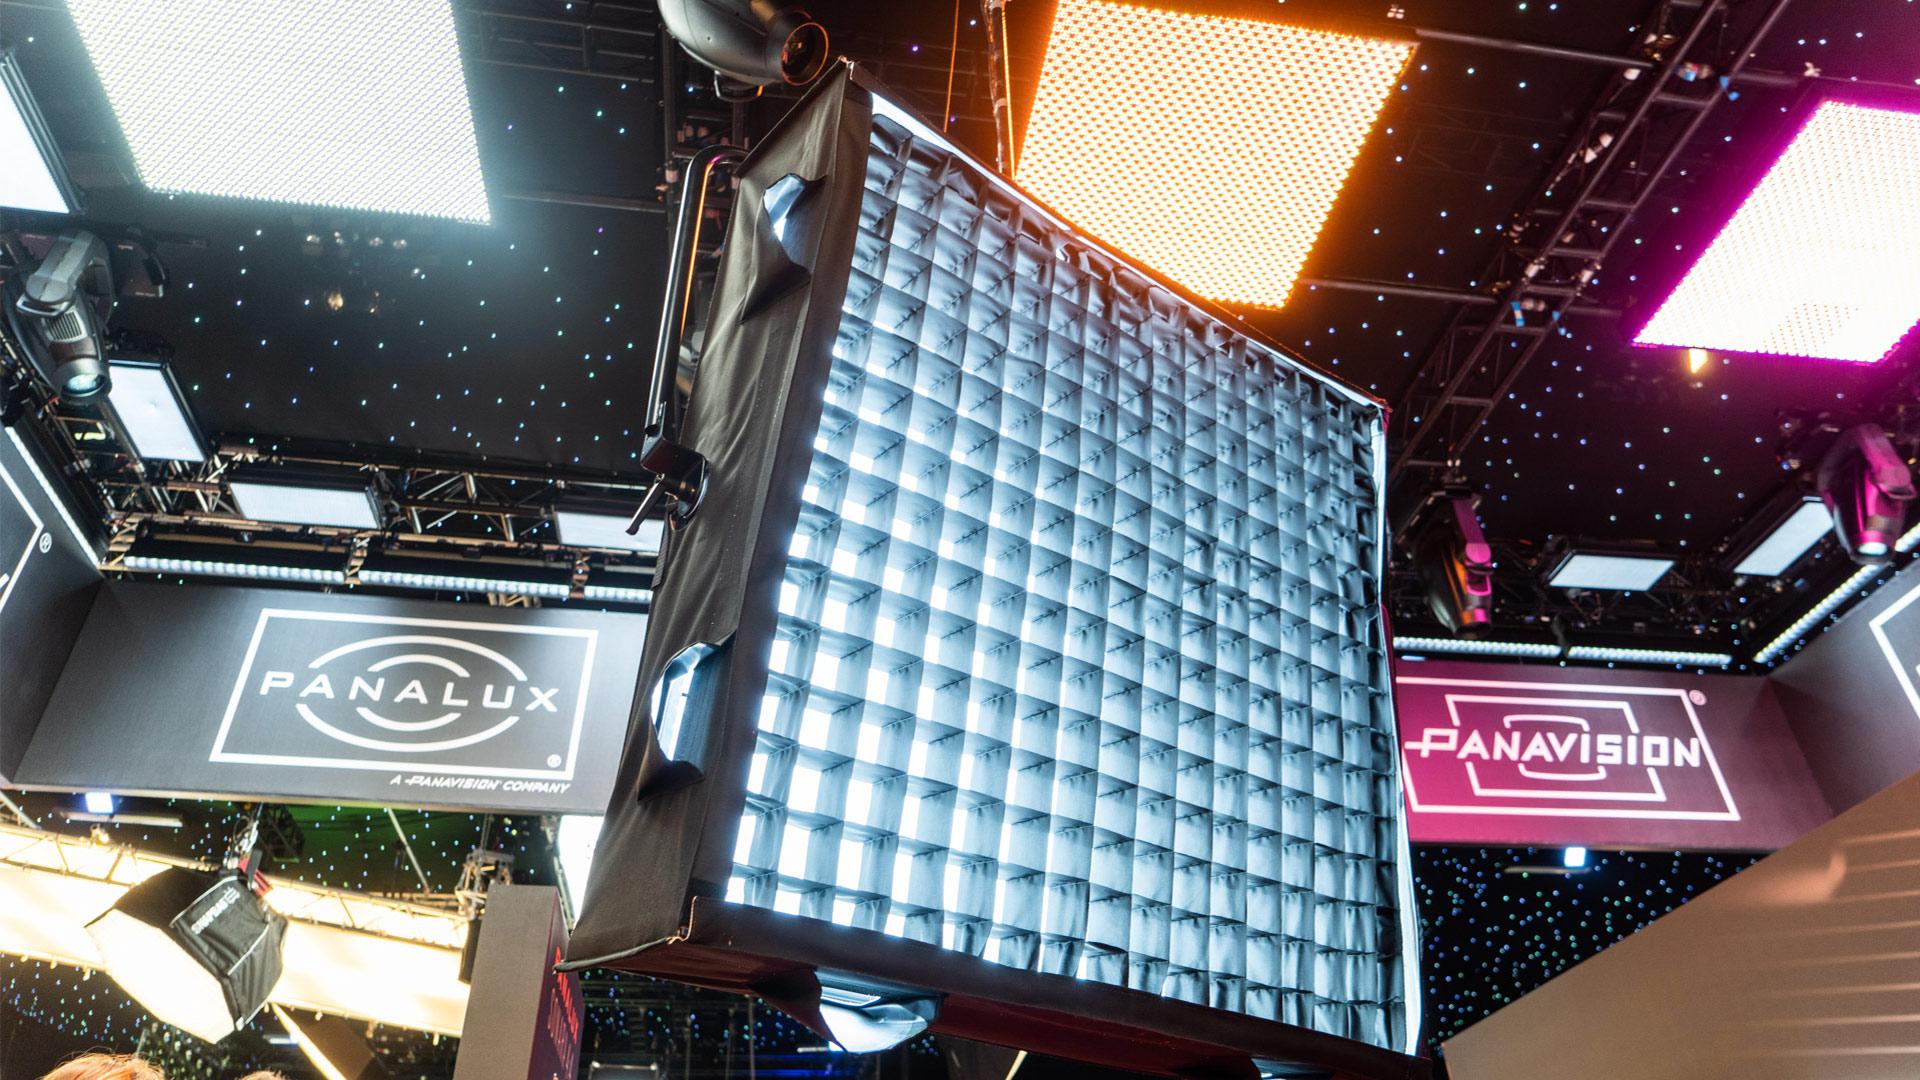 Panalux Sonara 4:4 - Luminaria de blanco variable 4×4' con salida de 5.000 lux